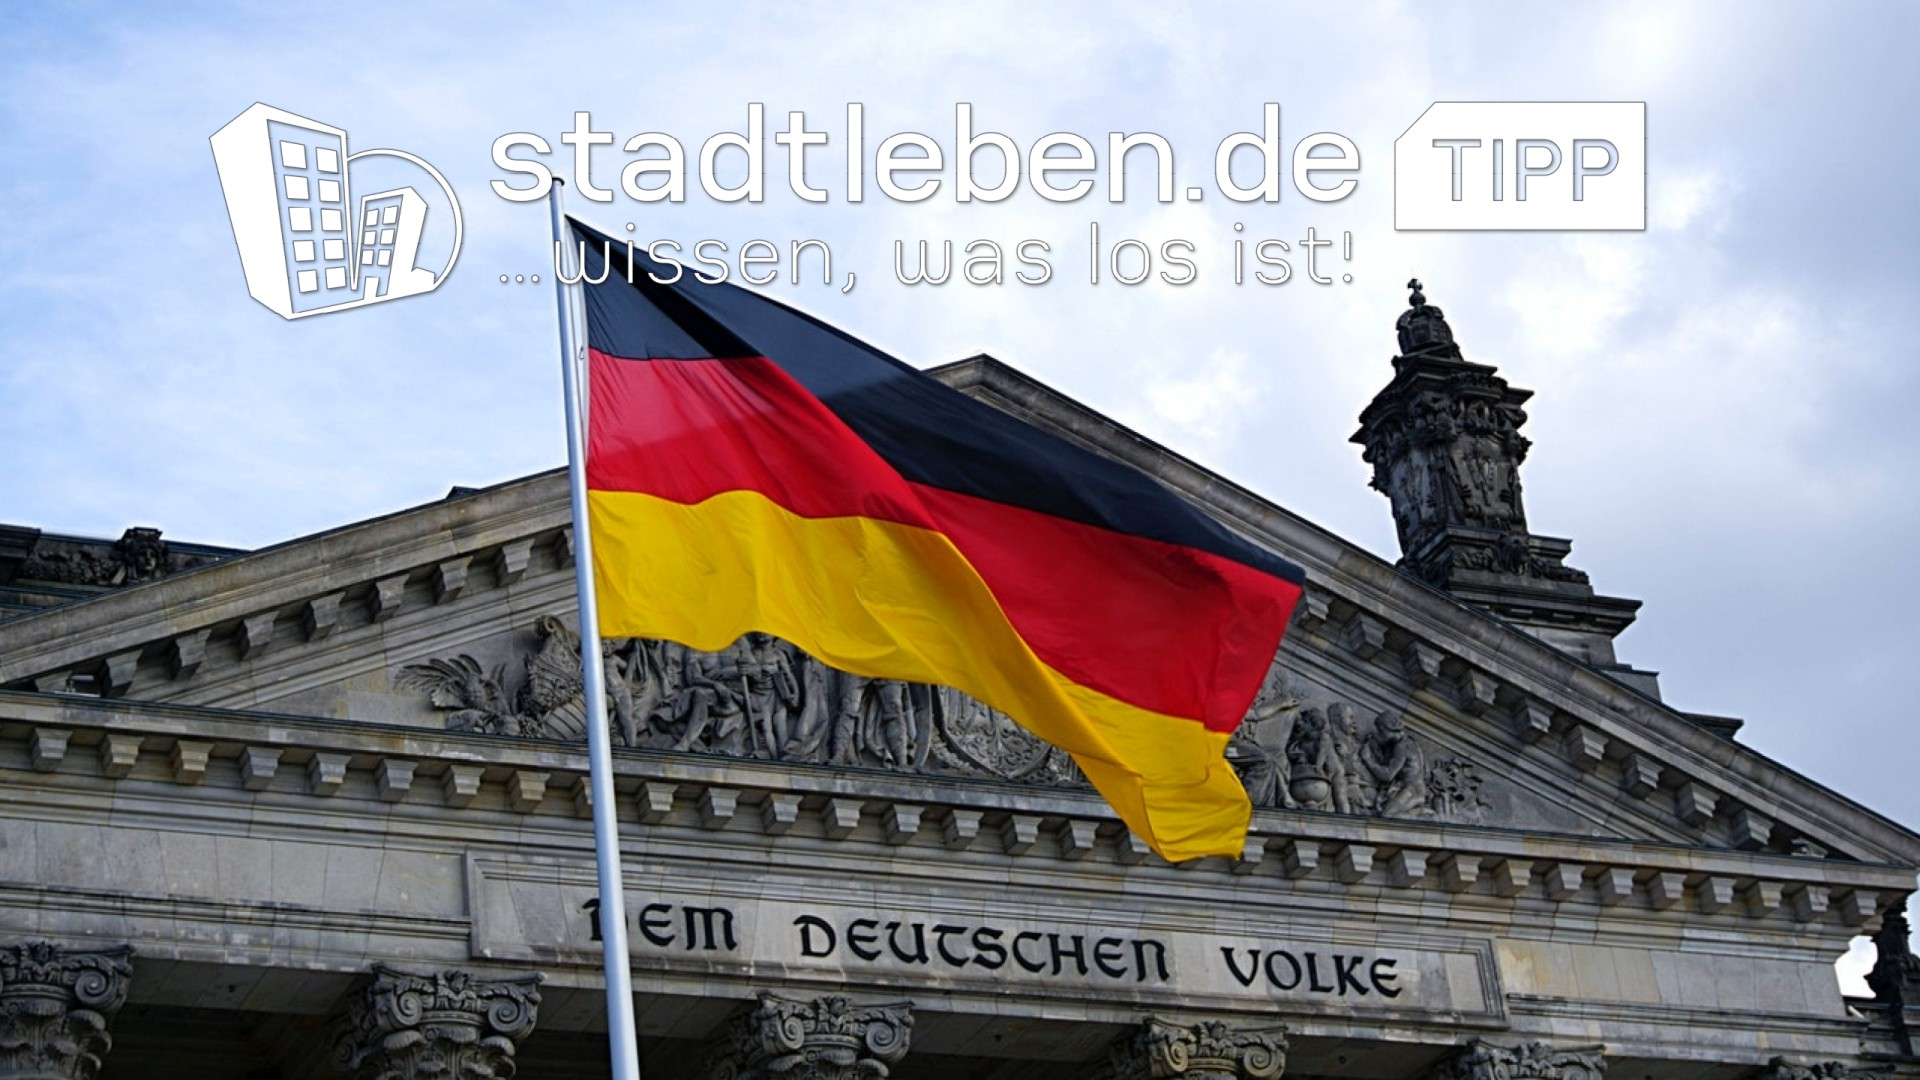 Willy-Brandt-Haus, Deutschland, Fahne, Flagge, Reichstag, Bundestag